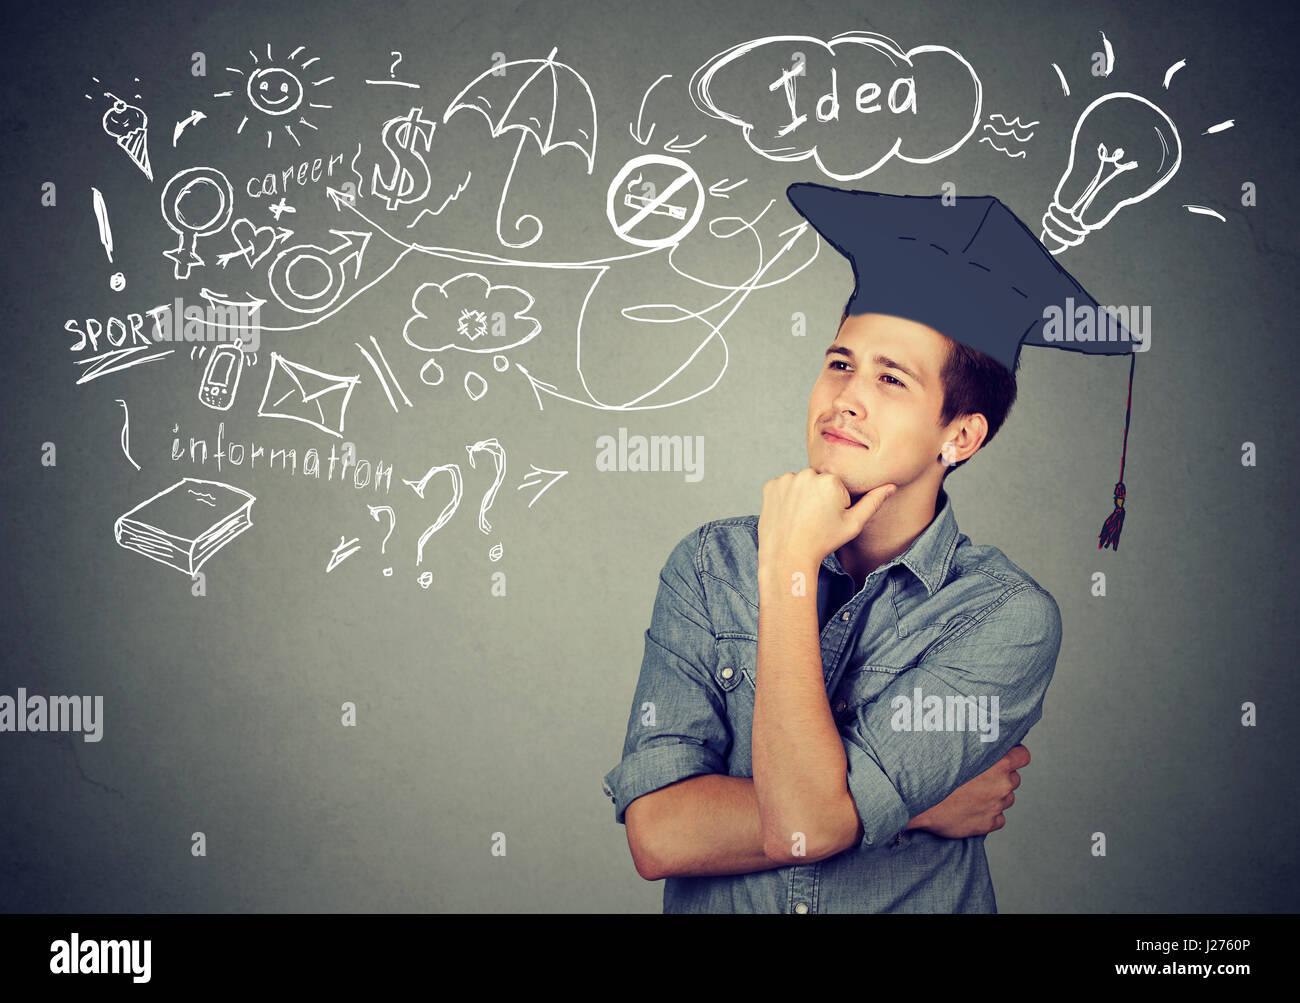 Joven guapo con graduación hat busca pensar la educación tiene muchas ideas sobre la futura vida aislado Imagen De Stock